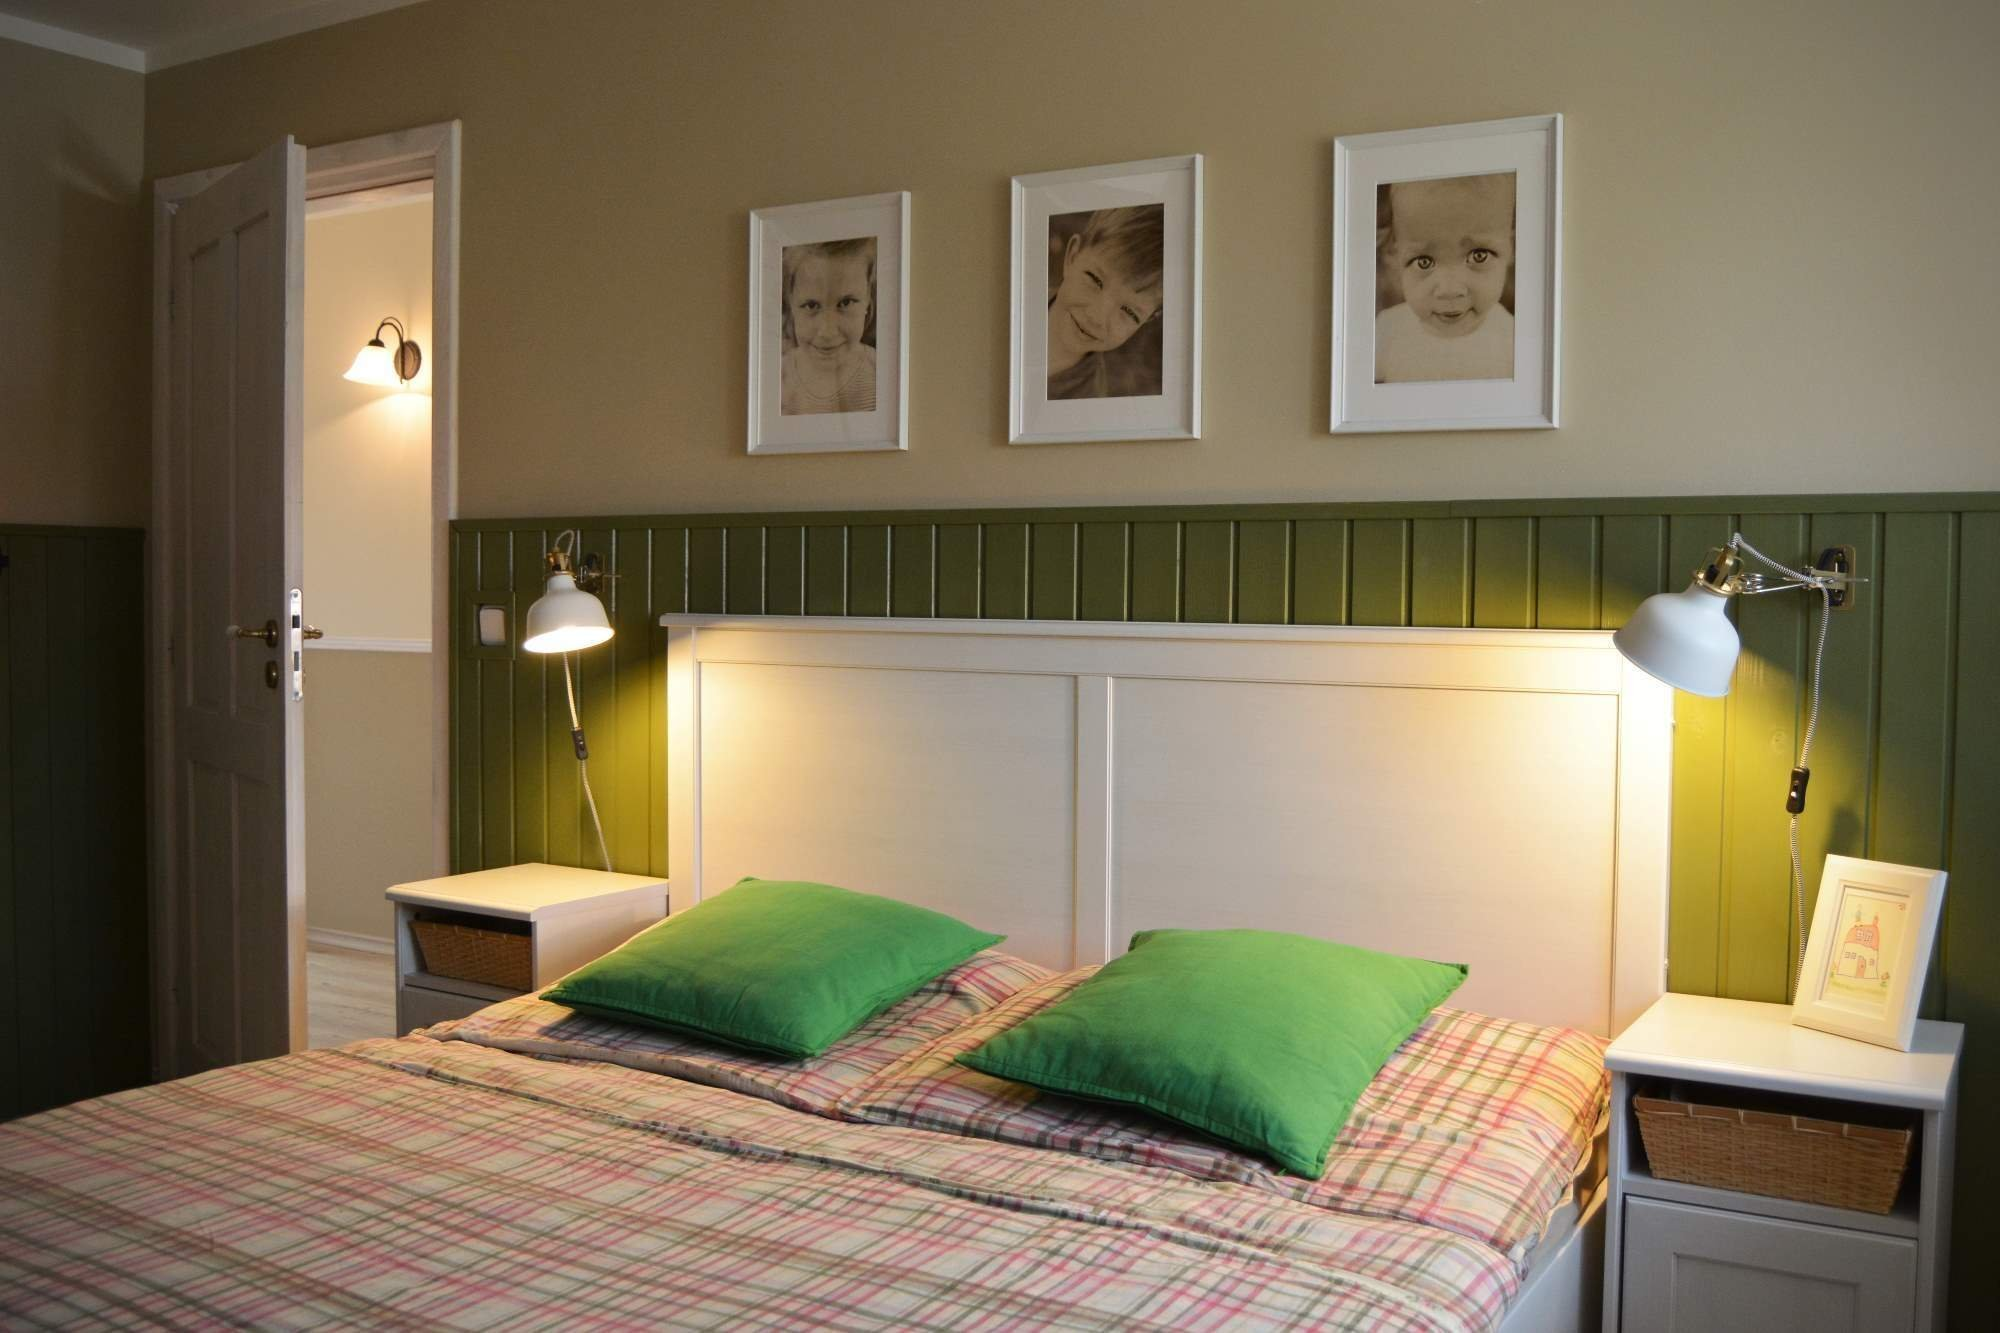 Návrh ložnice v teplých tónech béžové a zelené, požadavek úložného prostoru na dokumenty se stolemk příležitostné práci u něj.